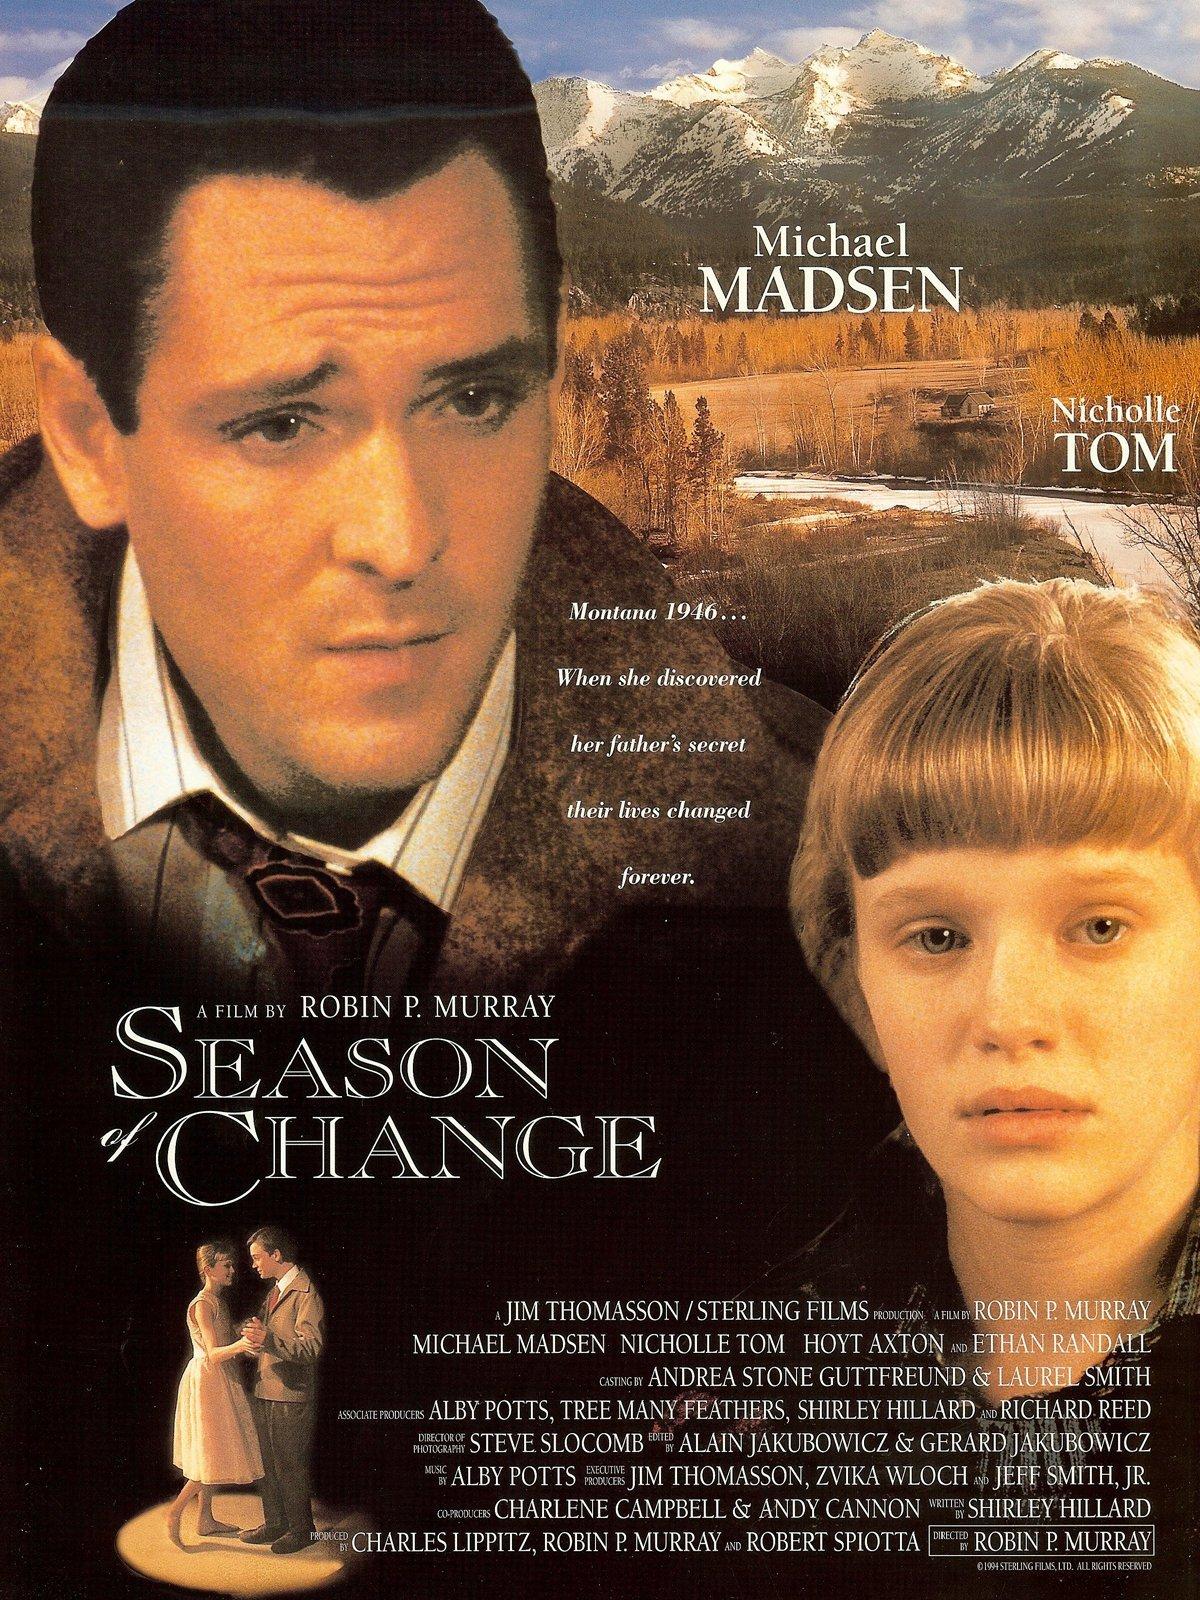 season-of-change